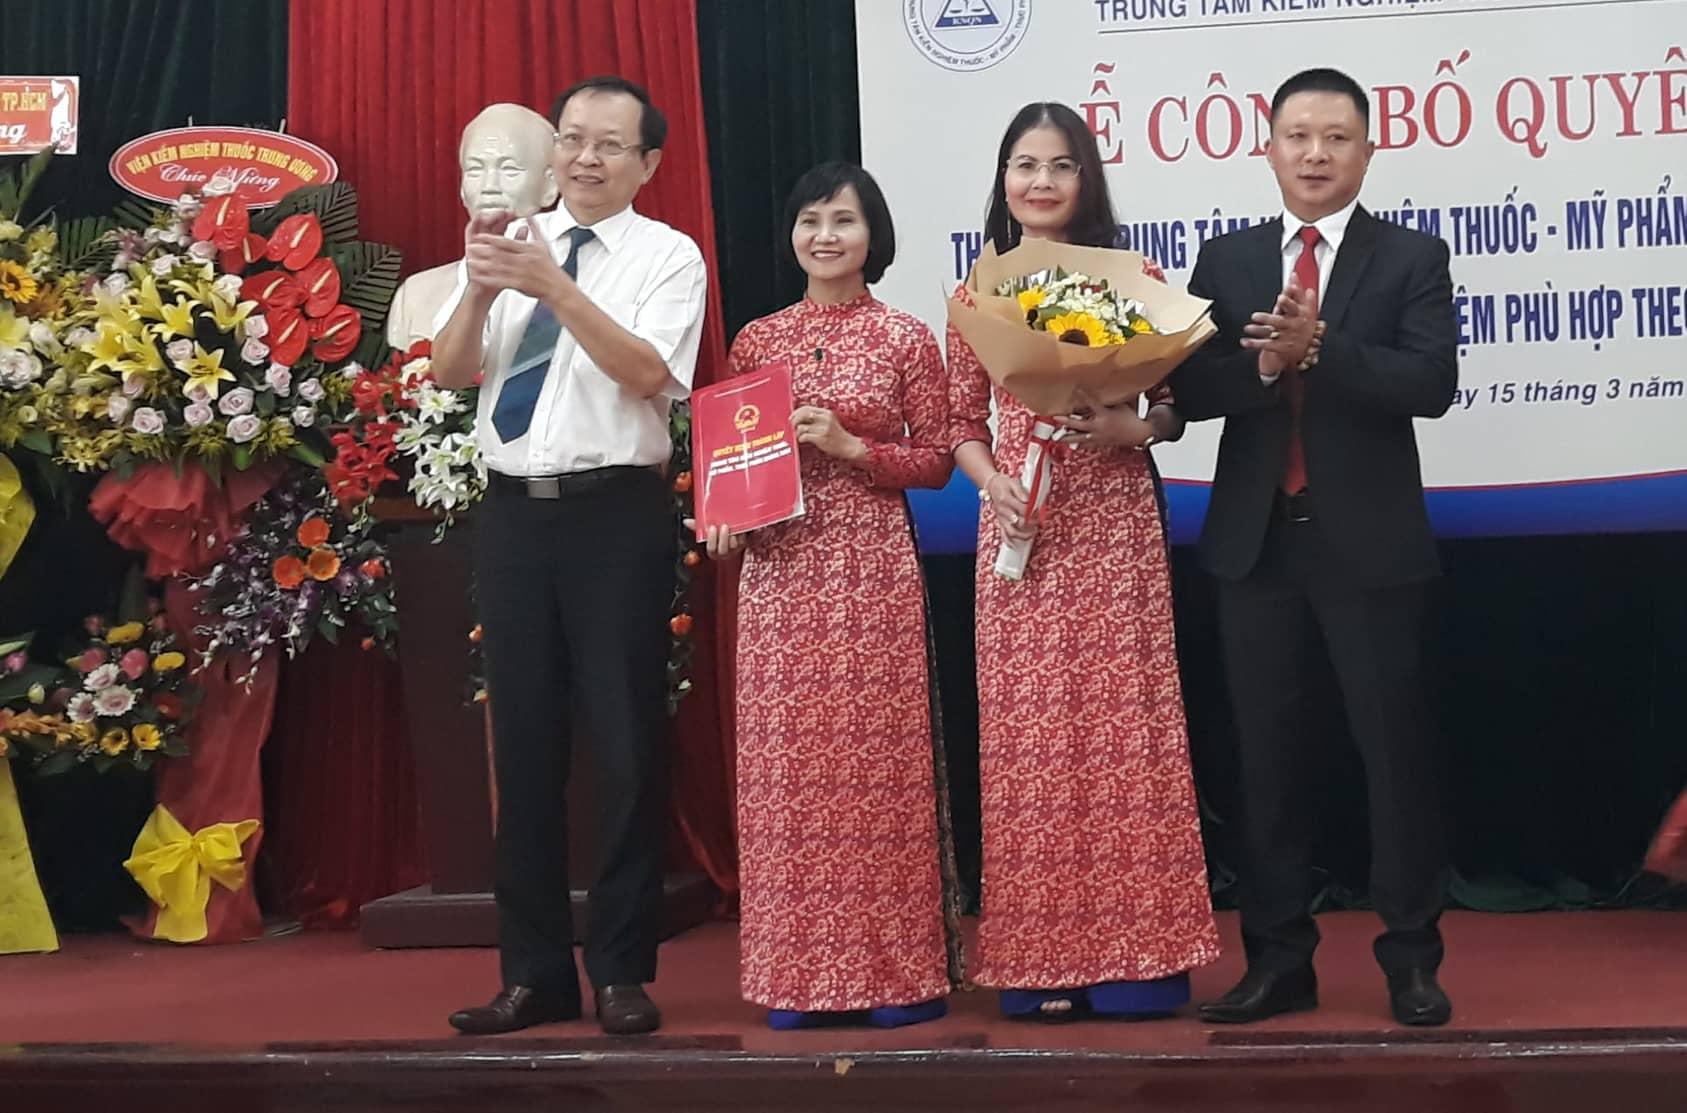 Trao quyết định thành lập cho Ban Giám đốc Trung tâm Kiểm nghiệm thuốc - mỹ phẩm - thực phẩm Quảng Nam. Ảnh: C.N